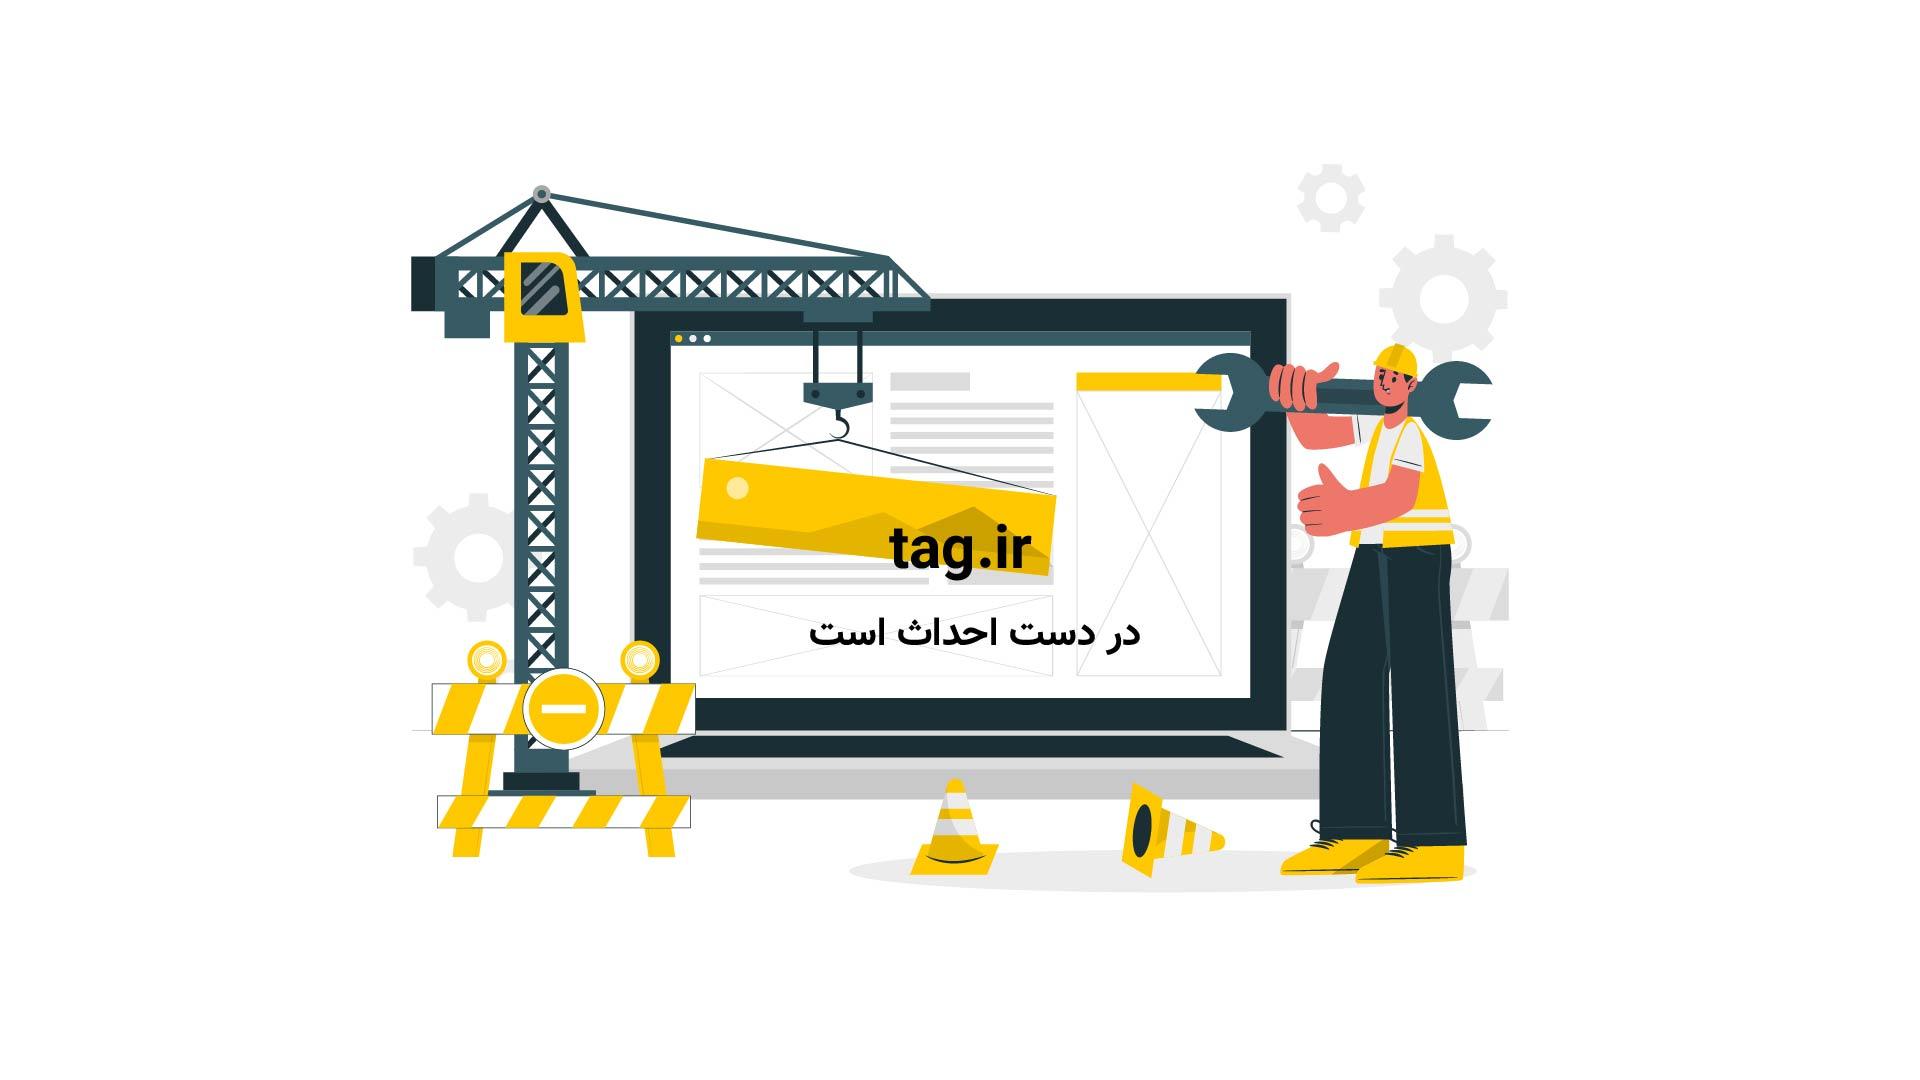 ماهی های پرنده؛ اسباب بازی پیشرفته برای کودکان | فیلم